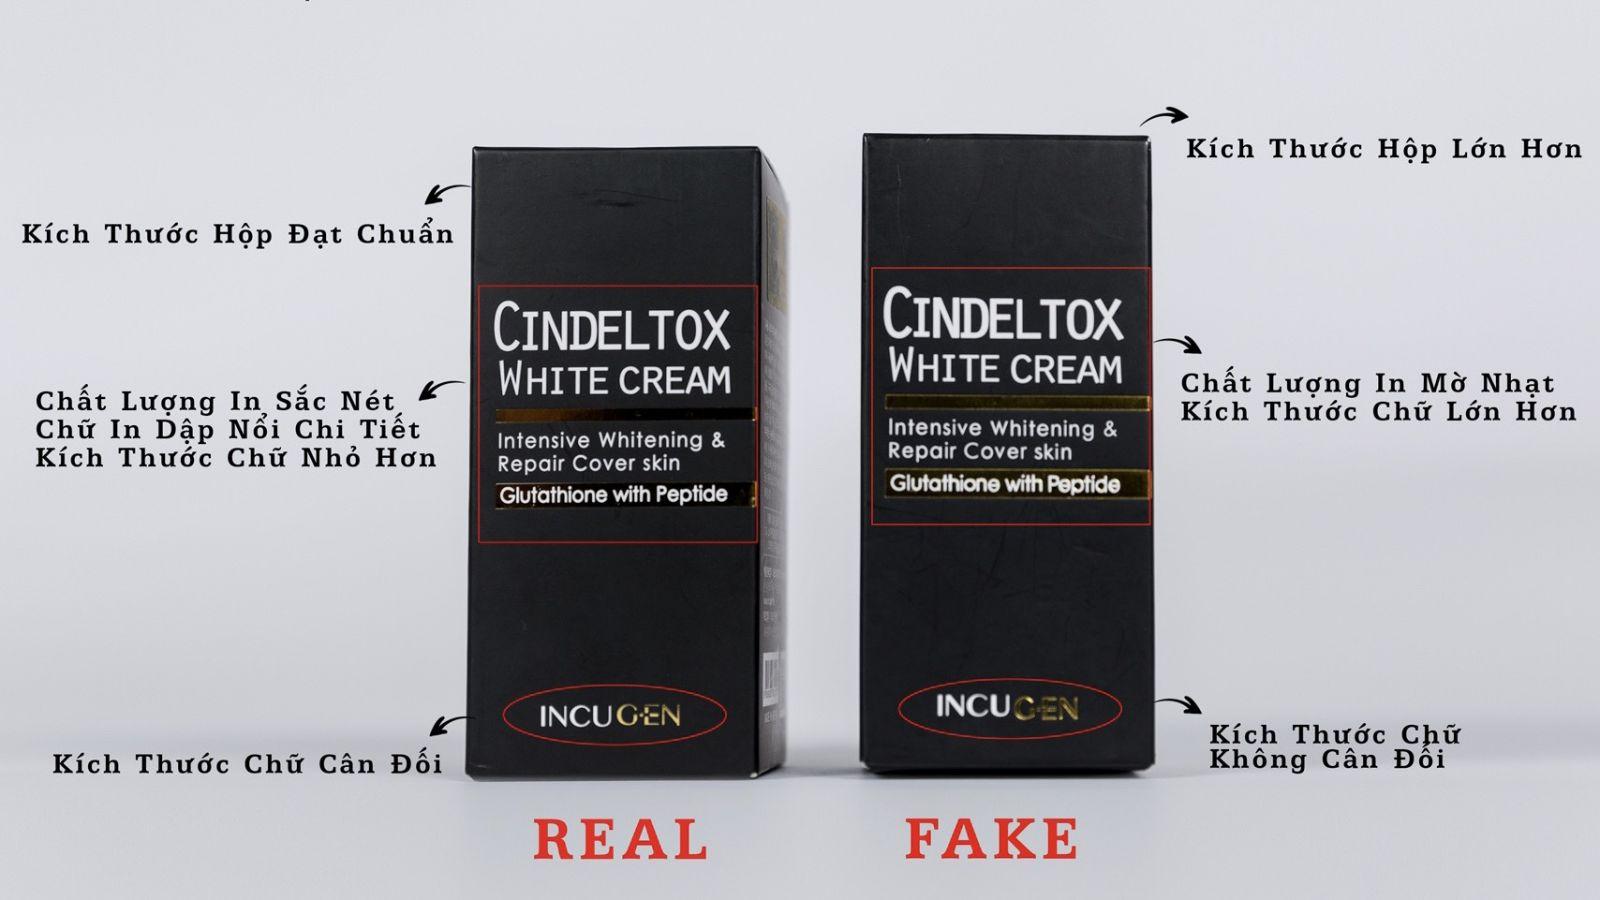 Thiên Long – nhà phân phối độc quyền Cindel Tox chính hãng tại Việt Nam cảnh báo về hàng giả, hàng nhái và hướng dẫn cách phân biệt Cindel Tox thật giả